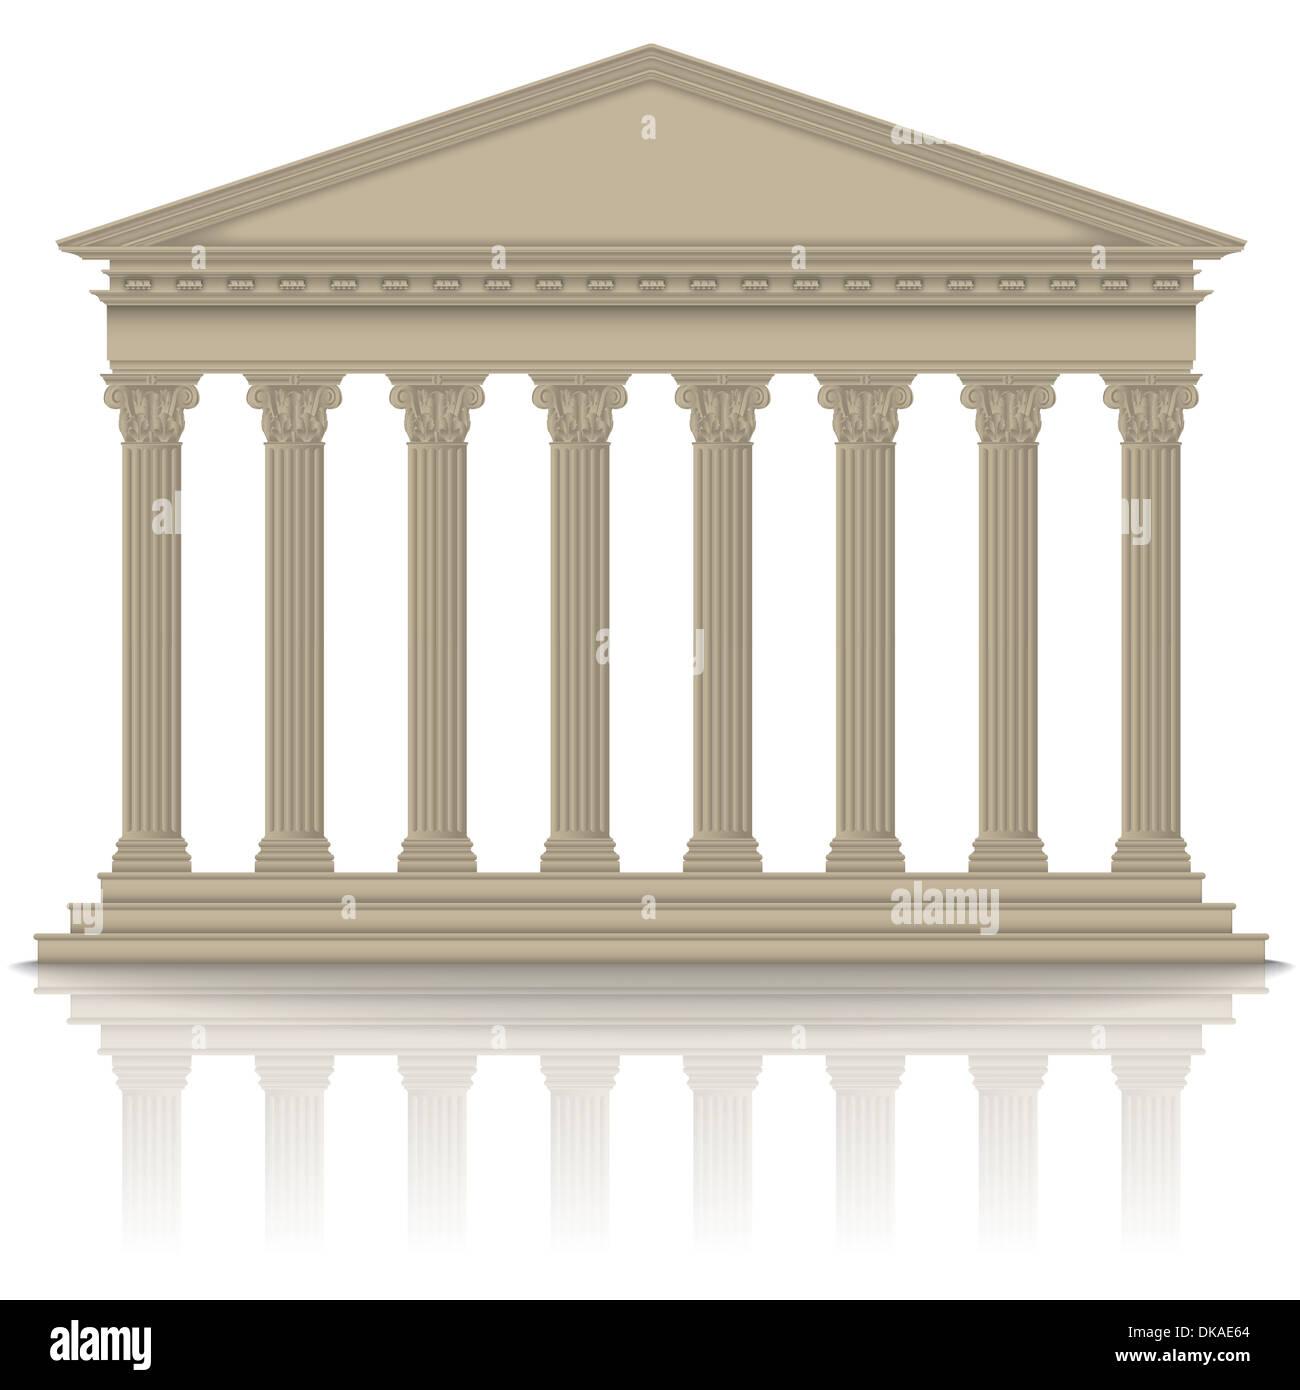 Roman/Greek pantheon - Stock Image